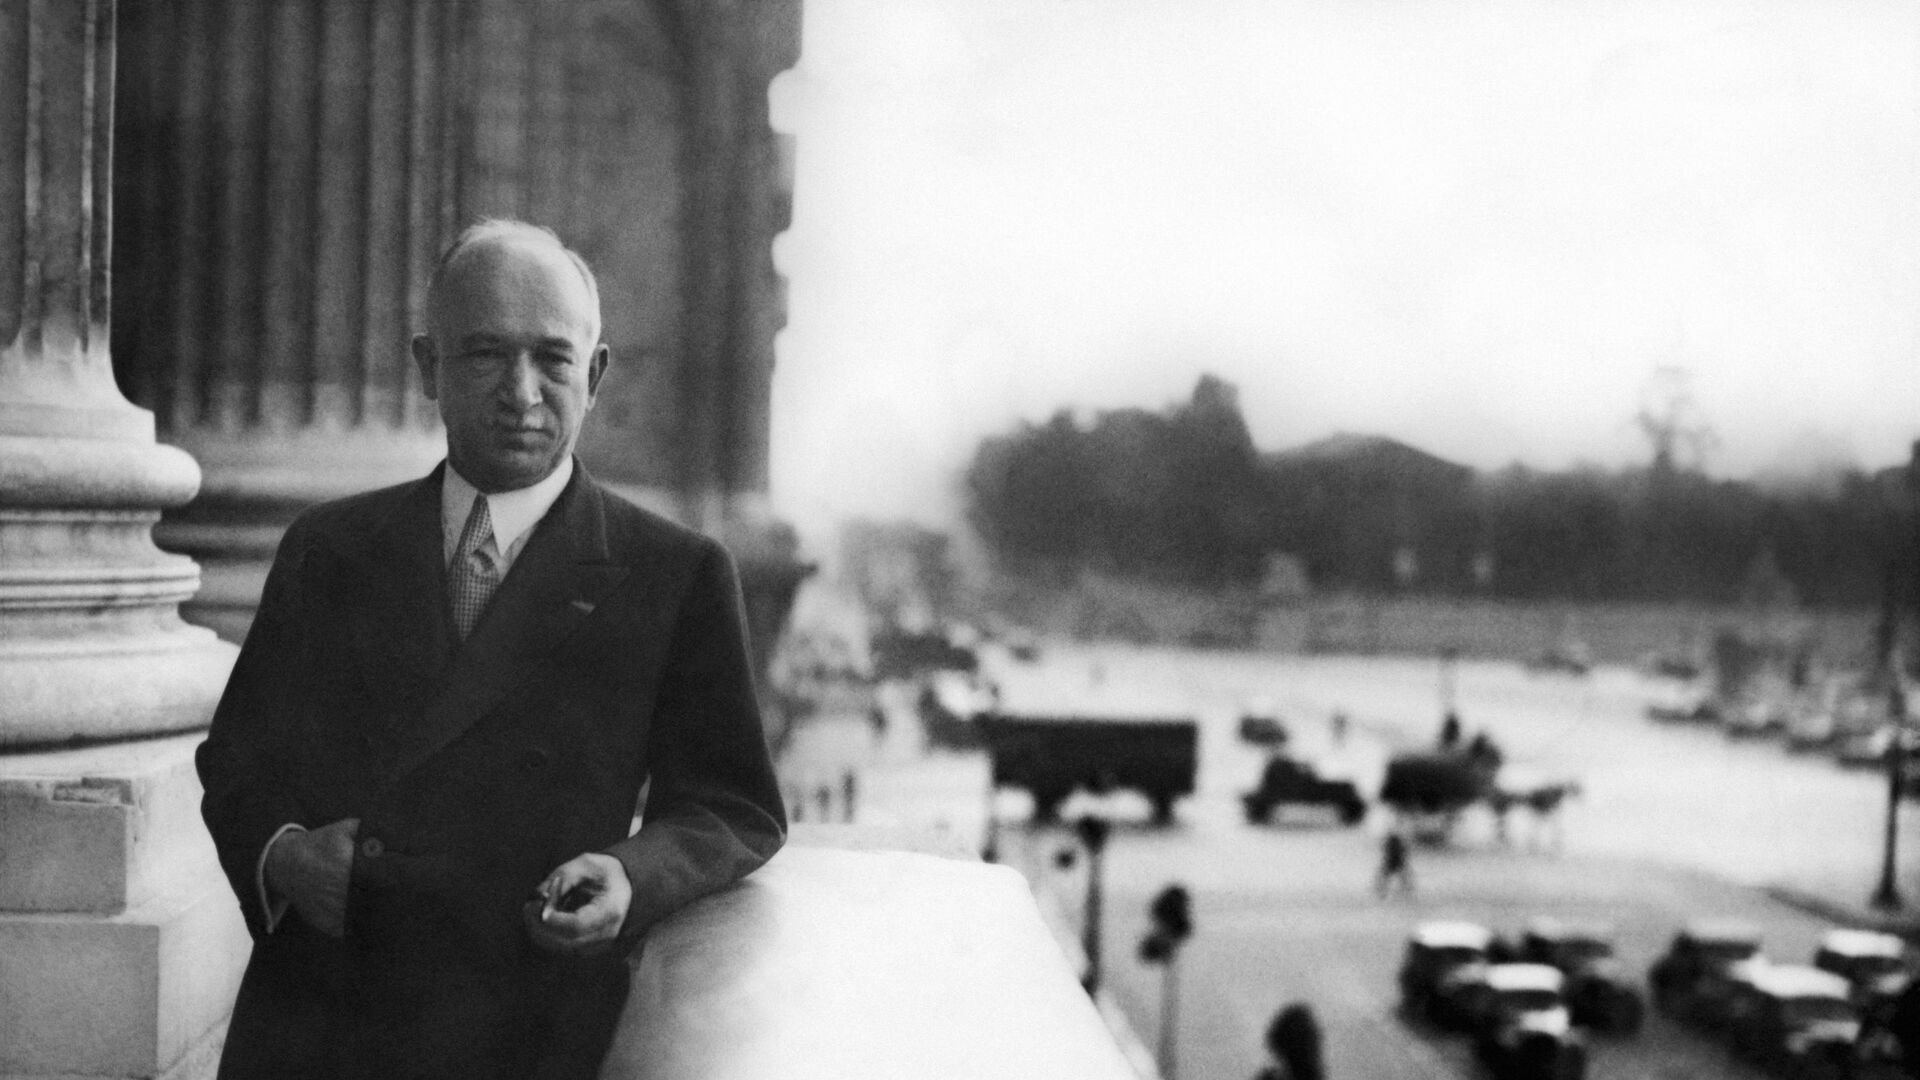 Prezident Edvard Beneš v Paříži, 1939 - Sputnik Česká republika, 1920, 13.05.2021